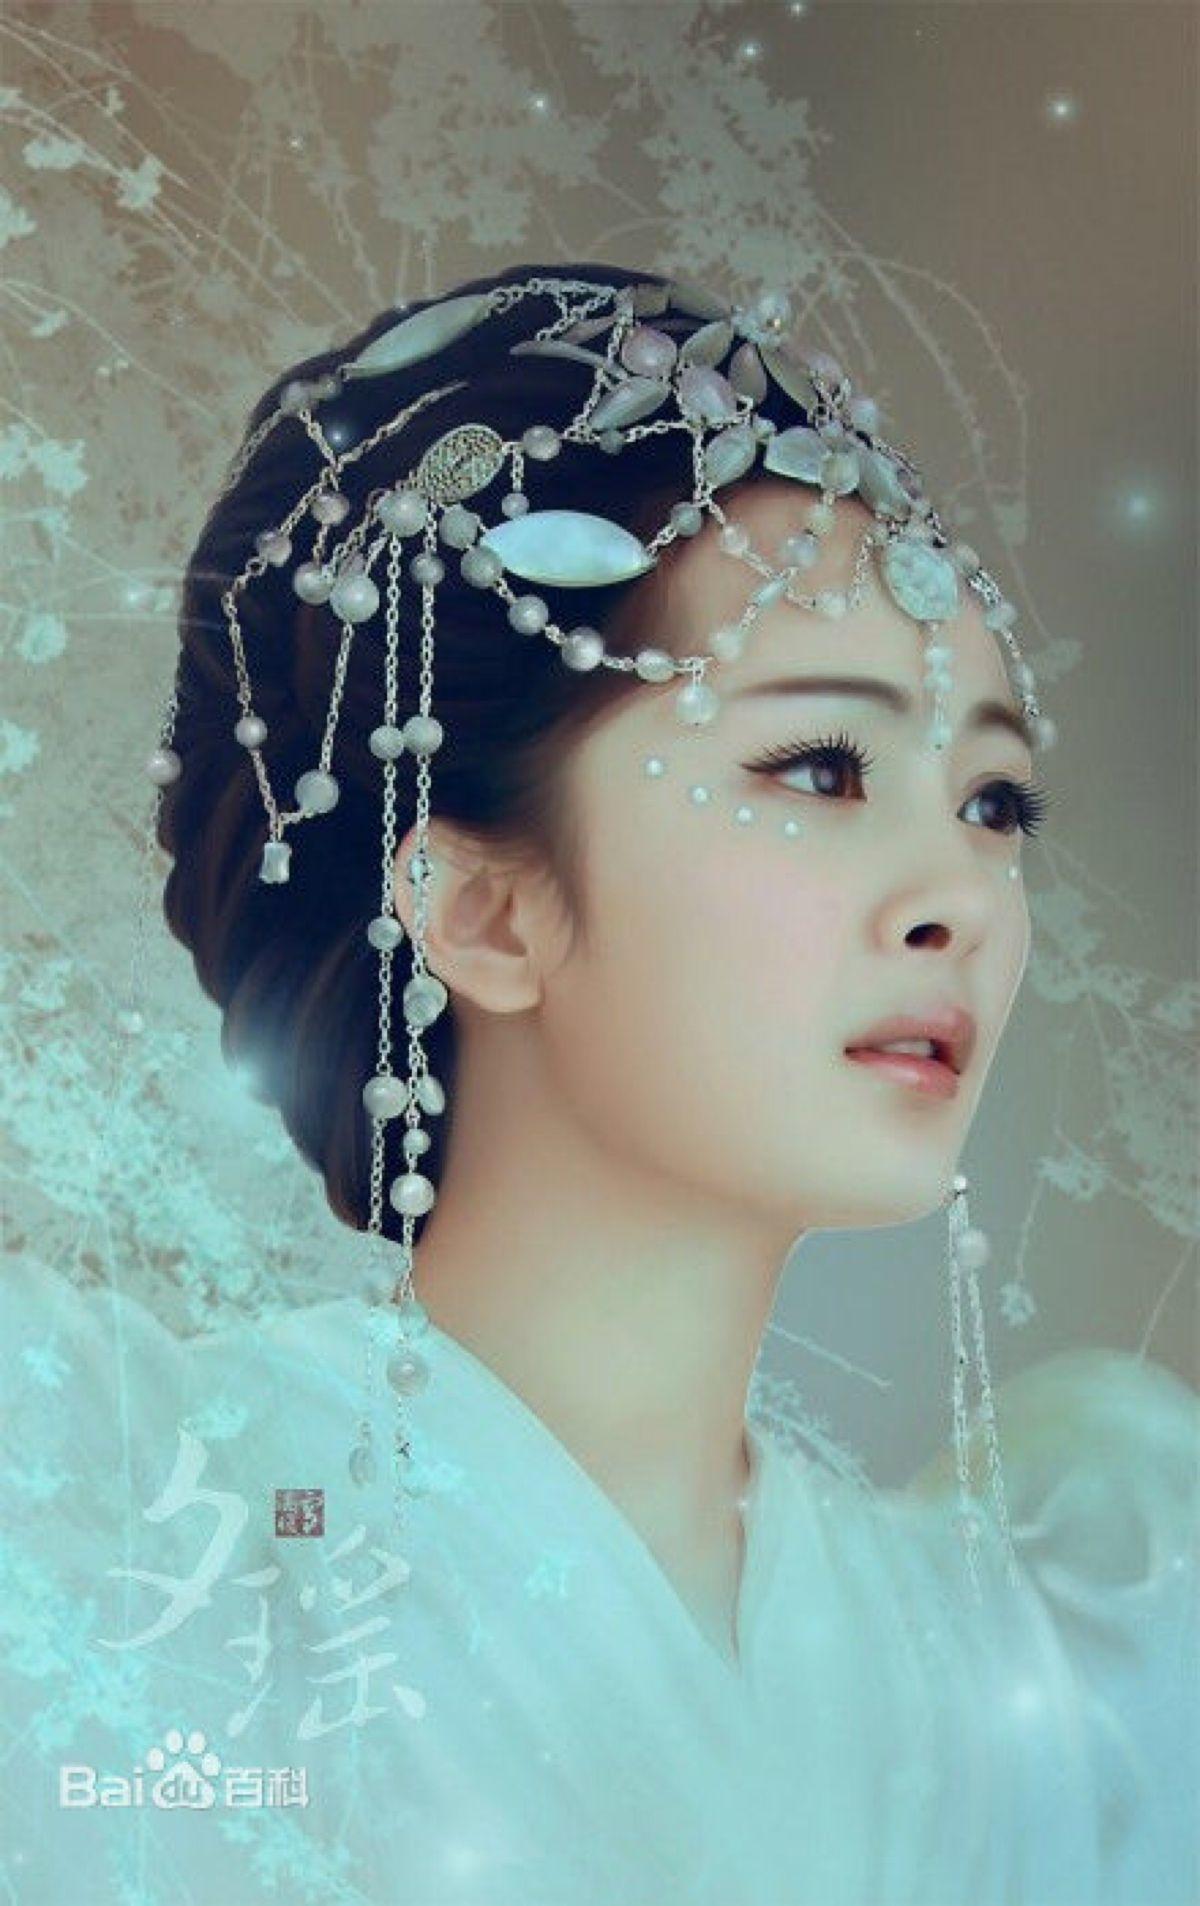 Bạch Lộc | Thời trang, Nữ thần, Diễn viên